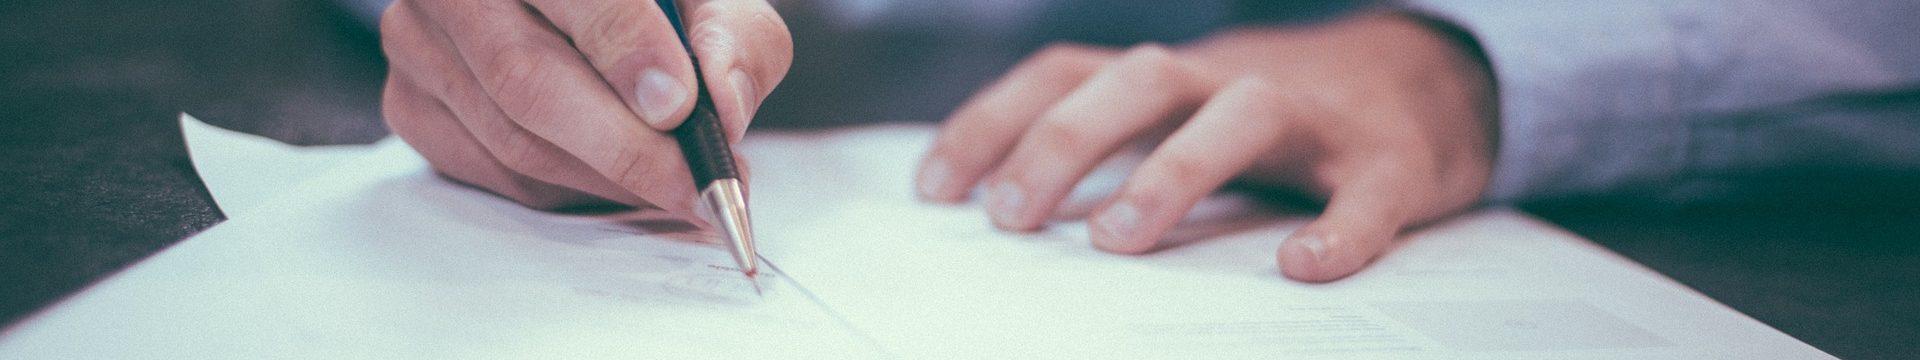 Wymogi prac dyplomowych (licencjacka imagisterska)